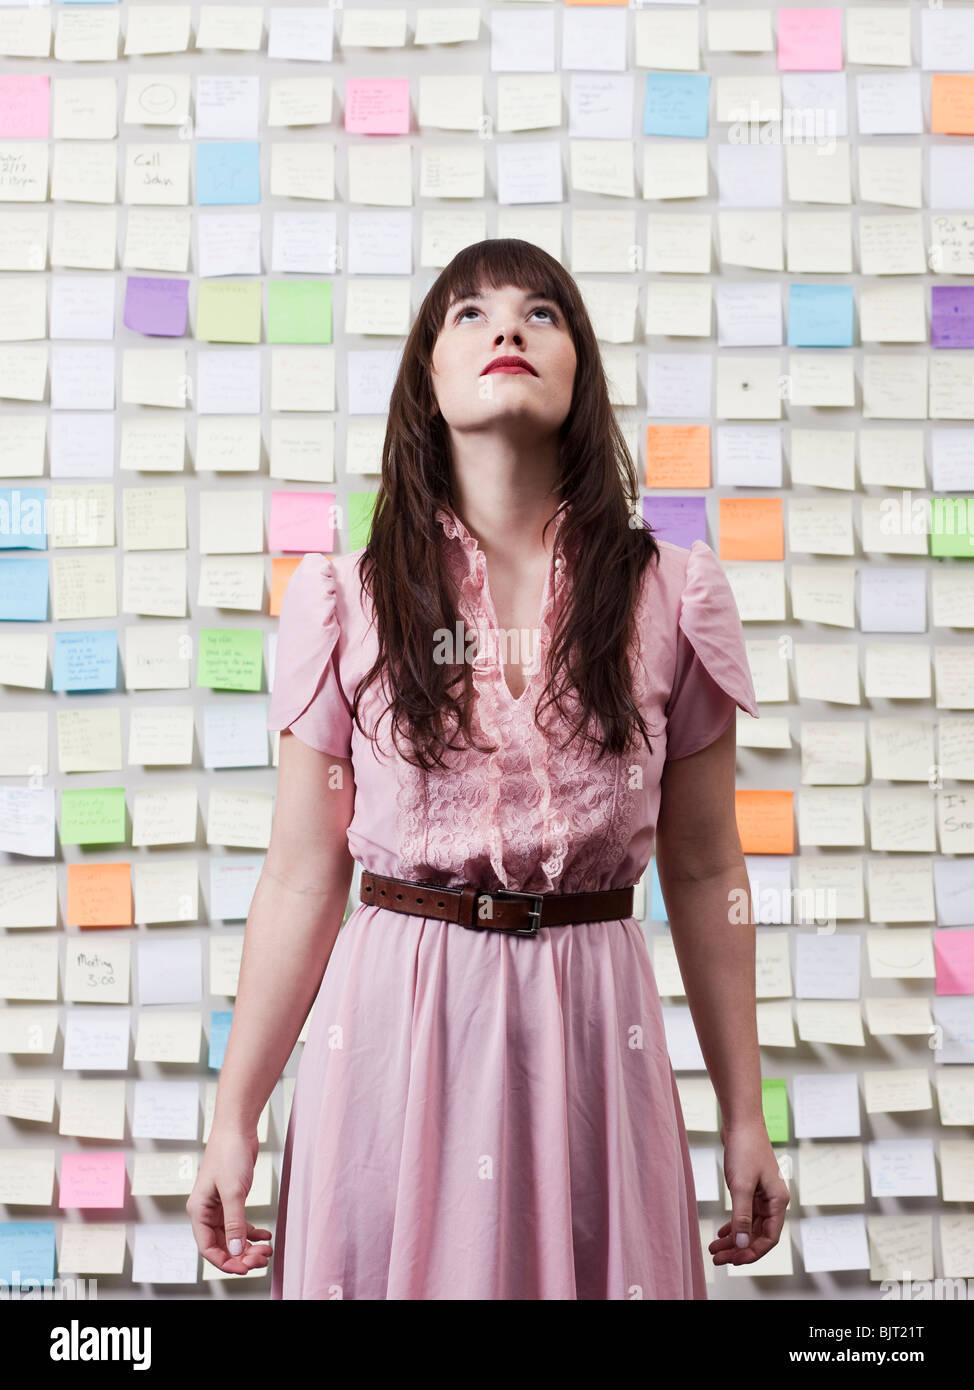 Retrato de una mujer en una habitación con paredes cubiertas con notas adhesivas Imagen De Stock